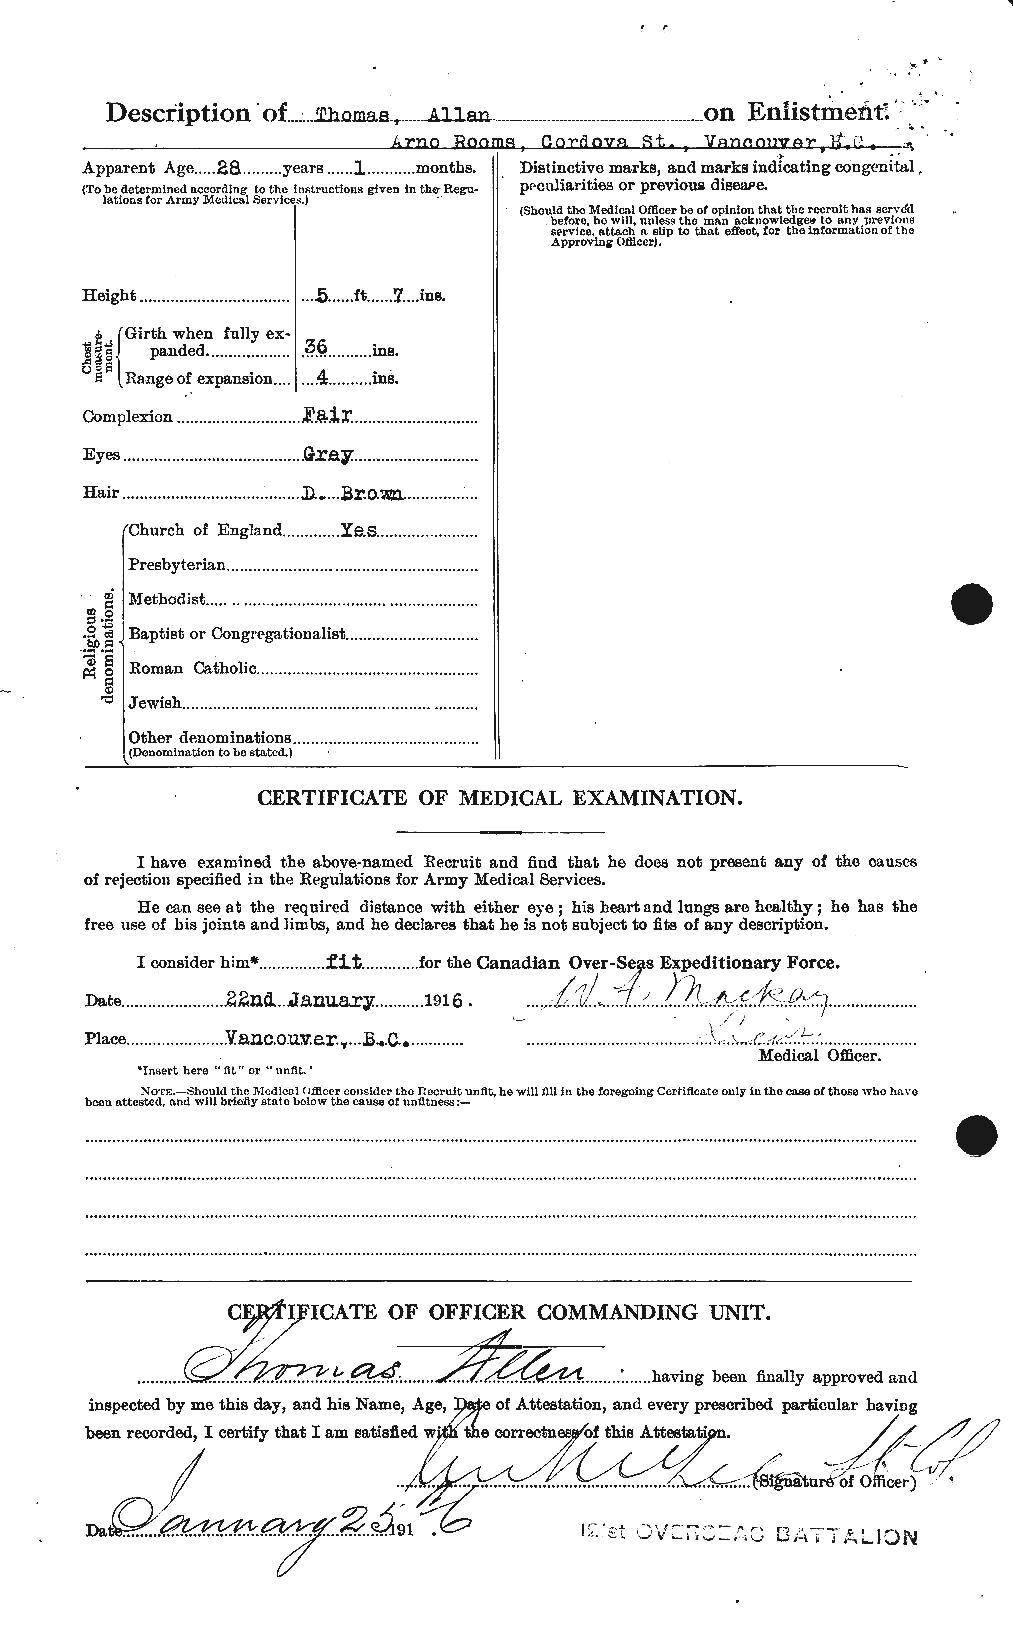 Attestation Paper 2nd Side